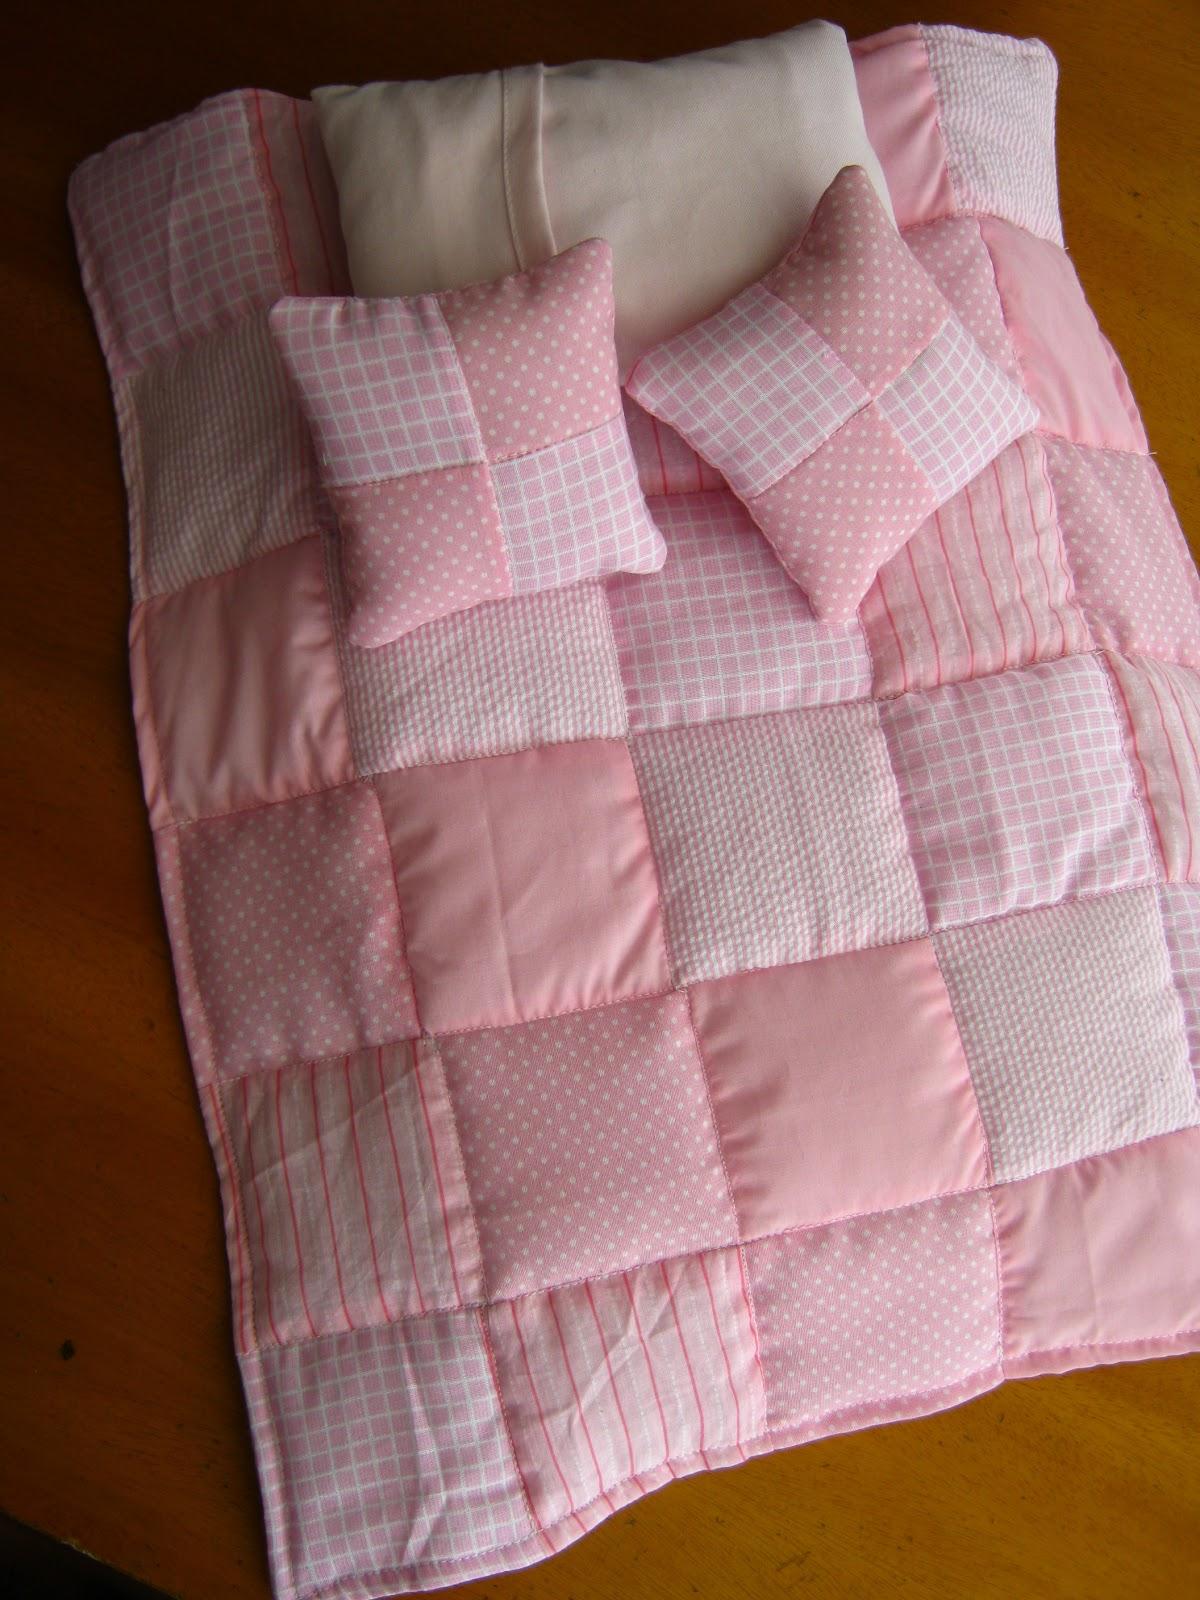 Handy Mom: Vestidos y accesorios para una Little Mommy